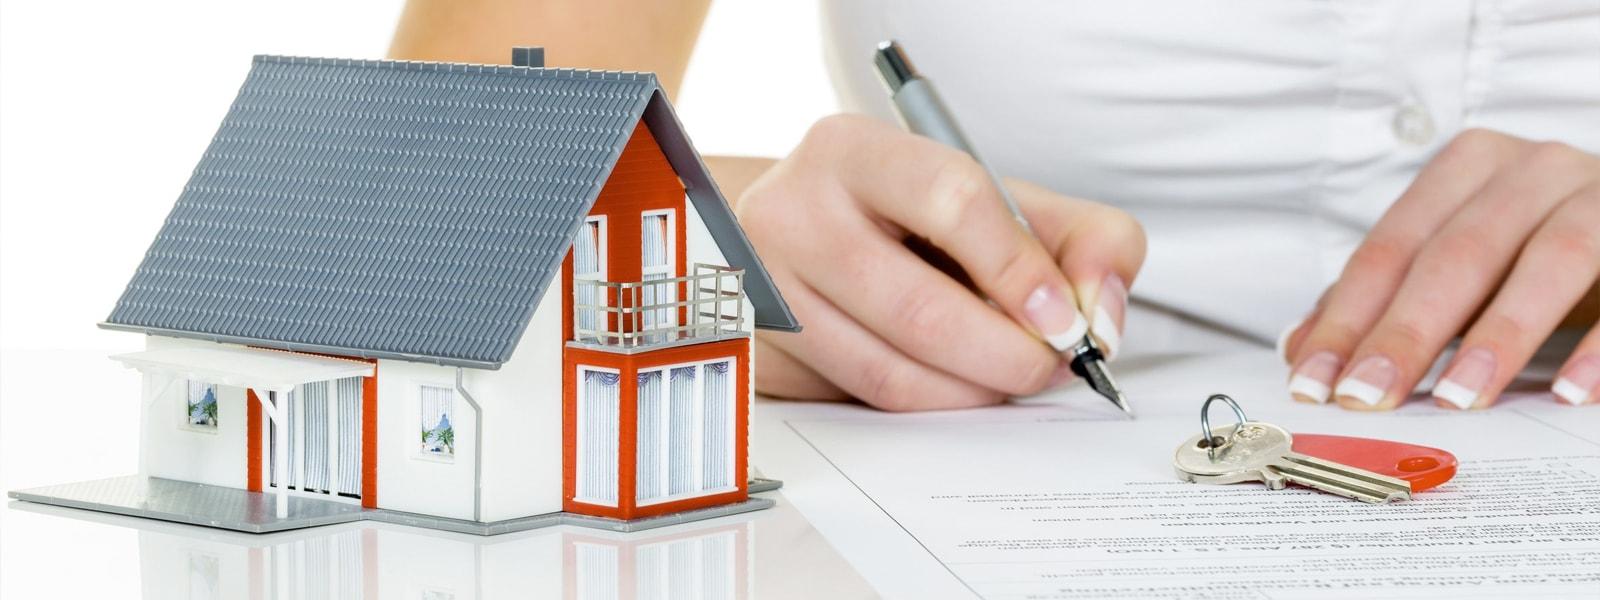 Несколько фактов о рынке недвижимости в Германии